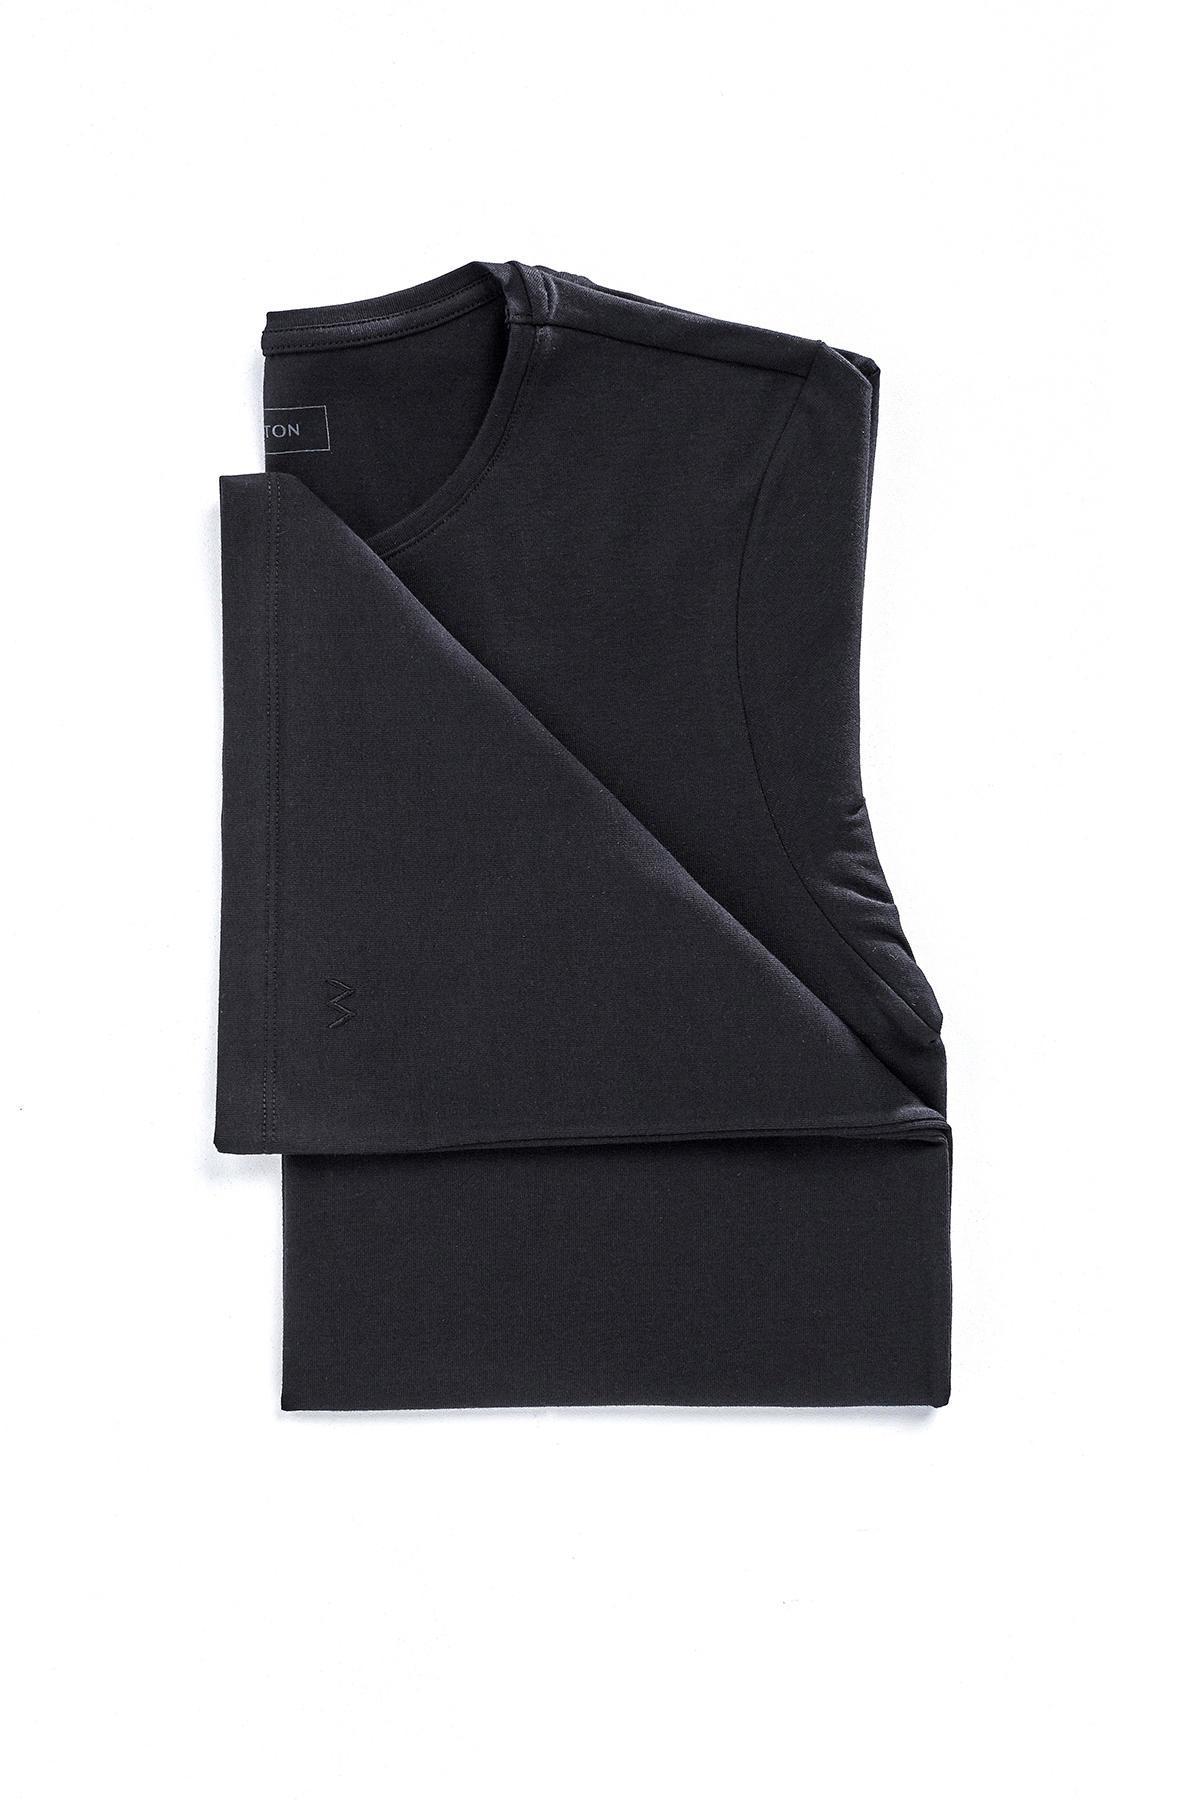 Pamuklu Siyah İç Giyim T-Shirt